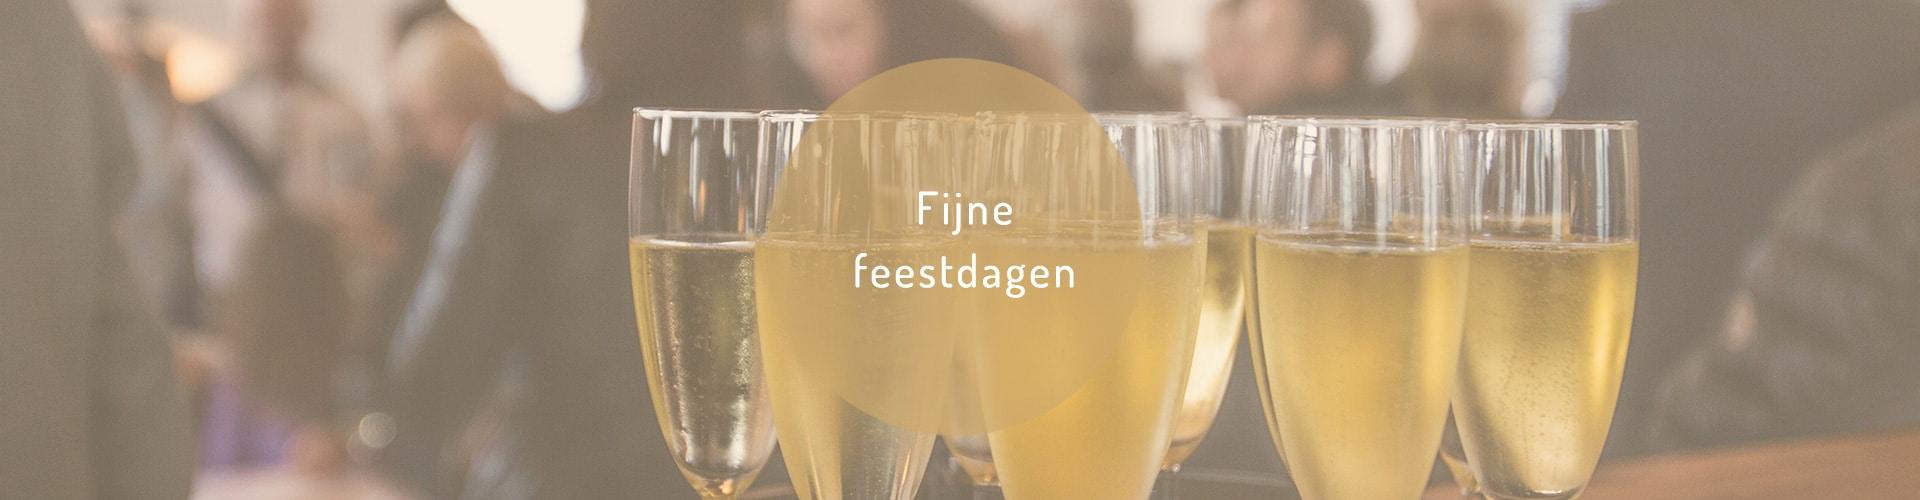 kerst,feestdagen,e-mergo.nl